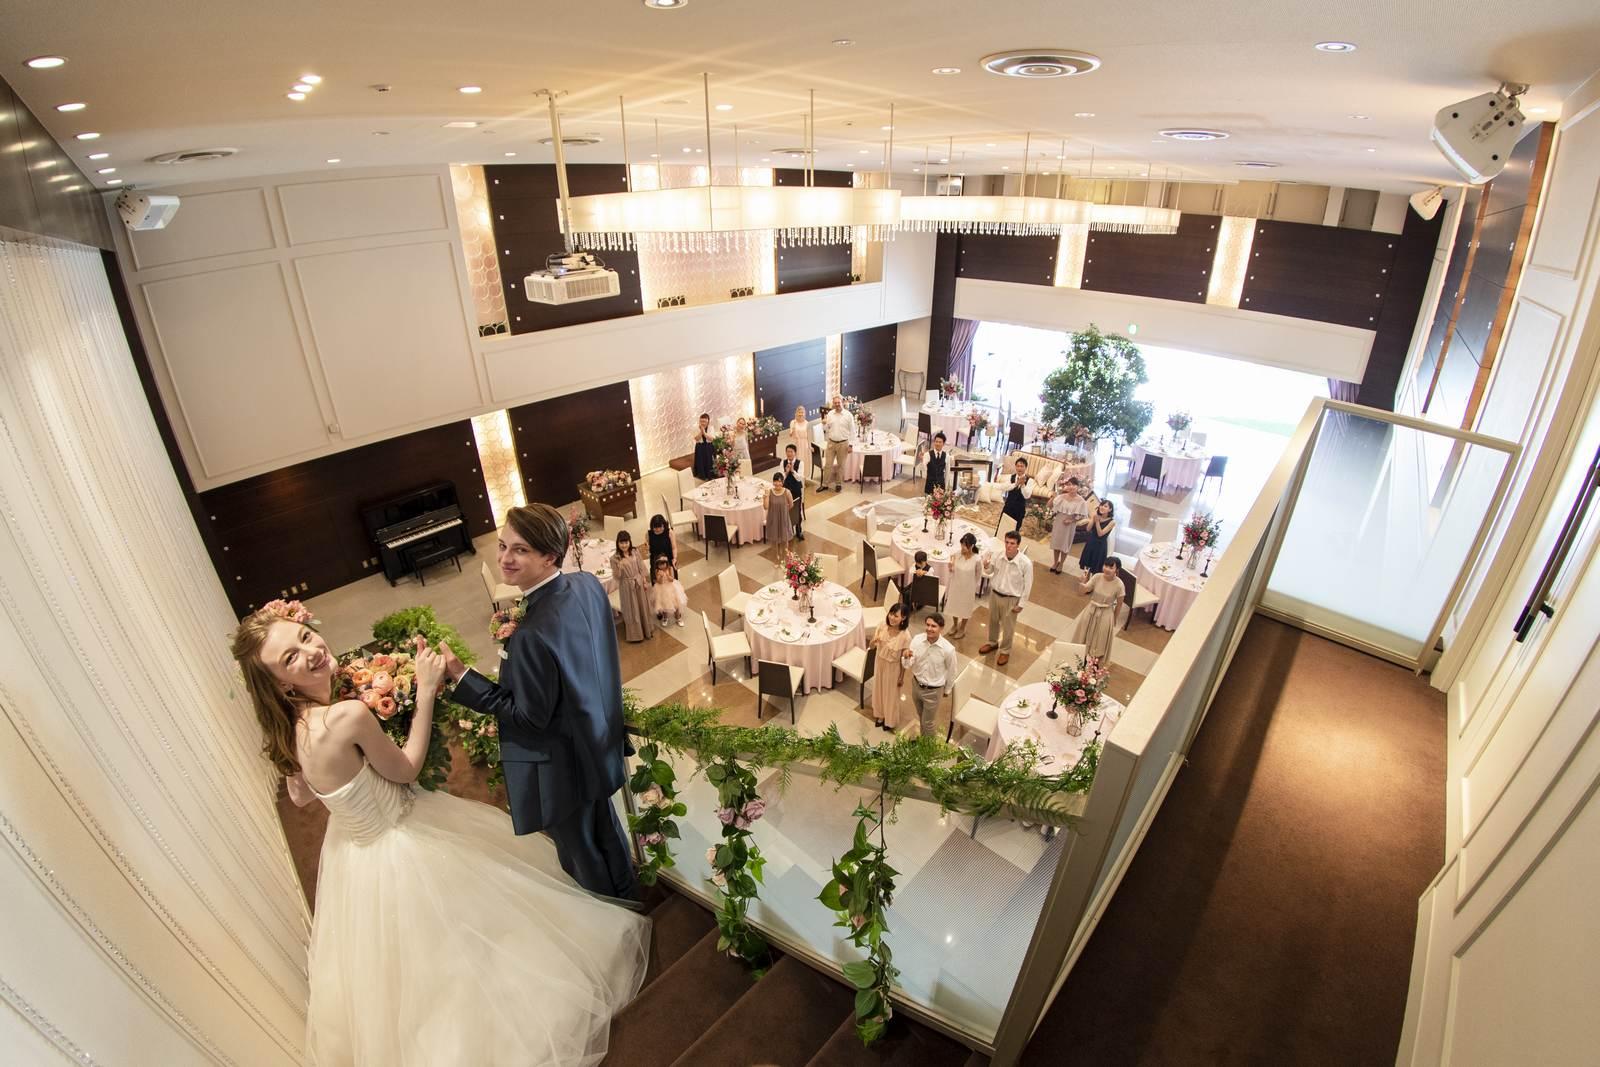 香川県の結婚式場シェルエメールのスイートLでの披露宴